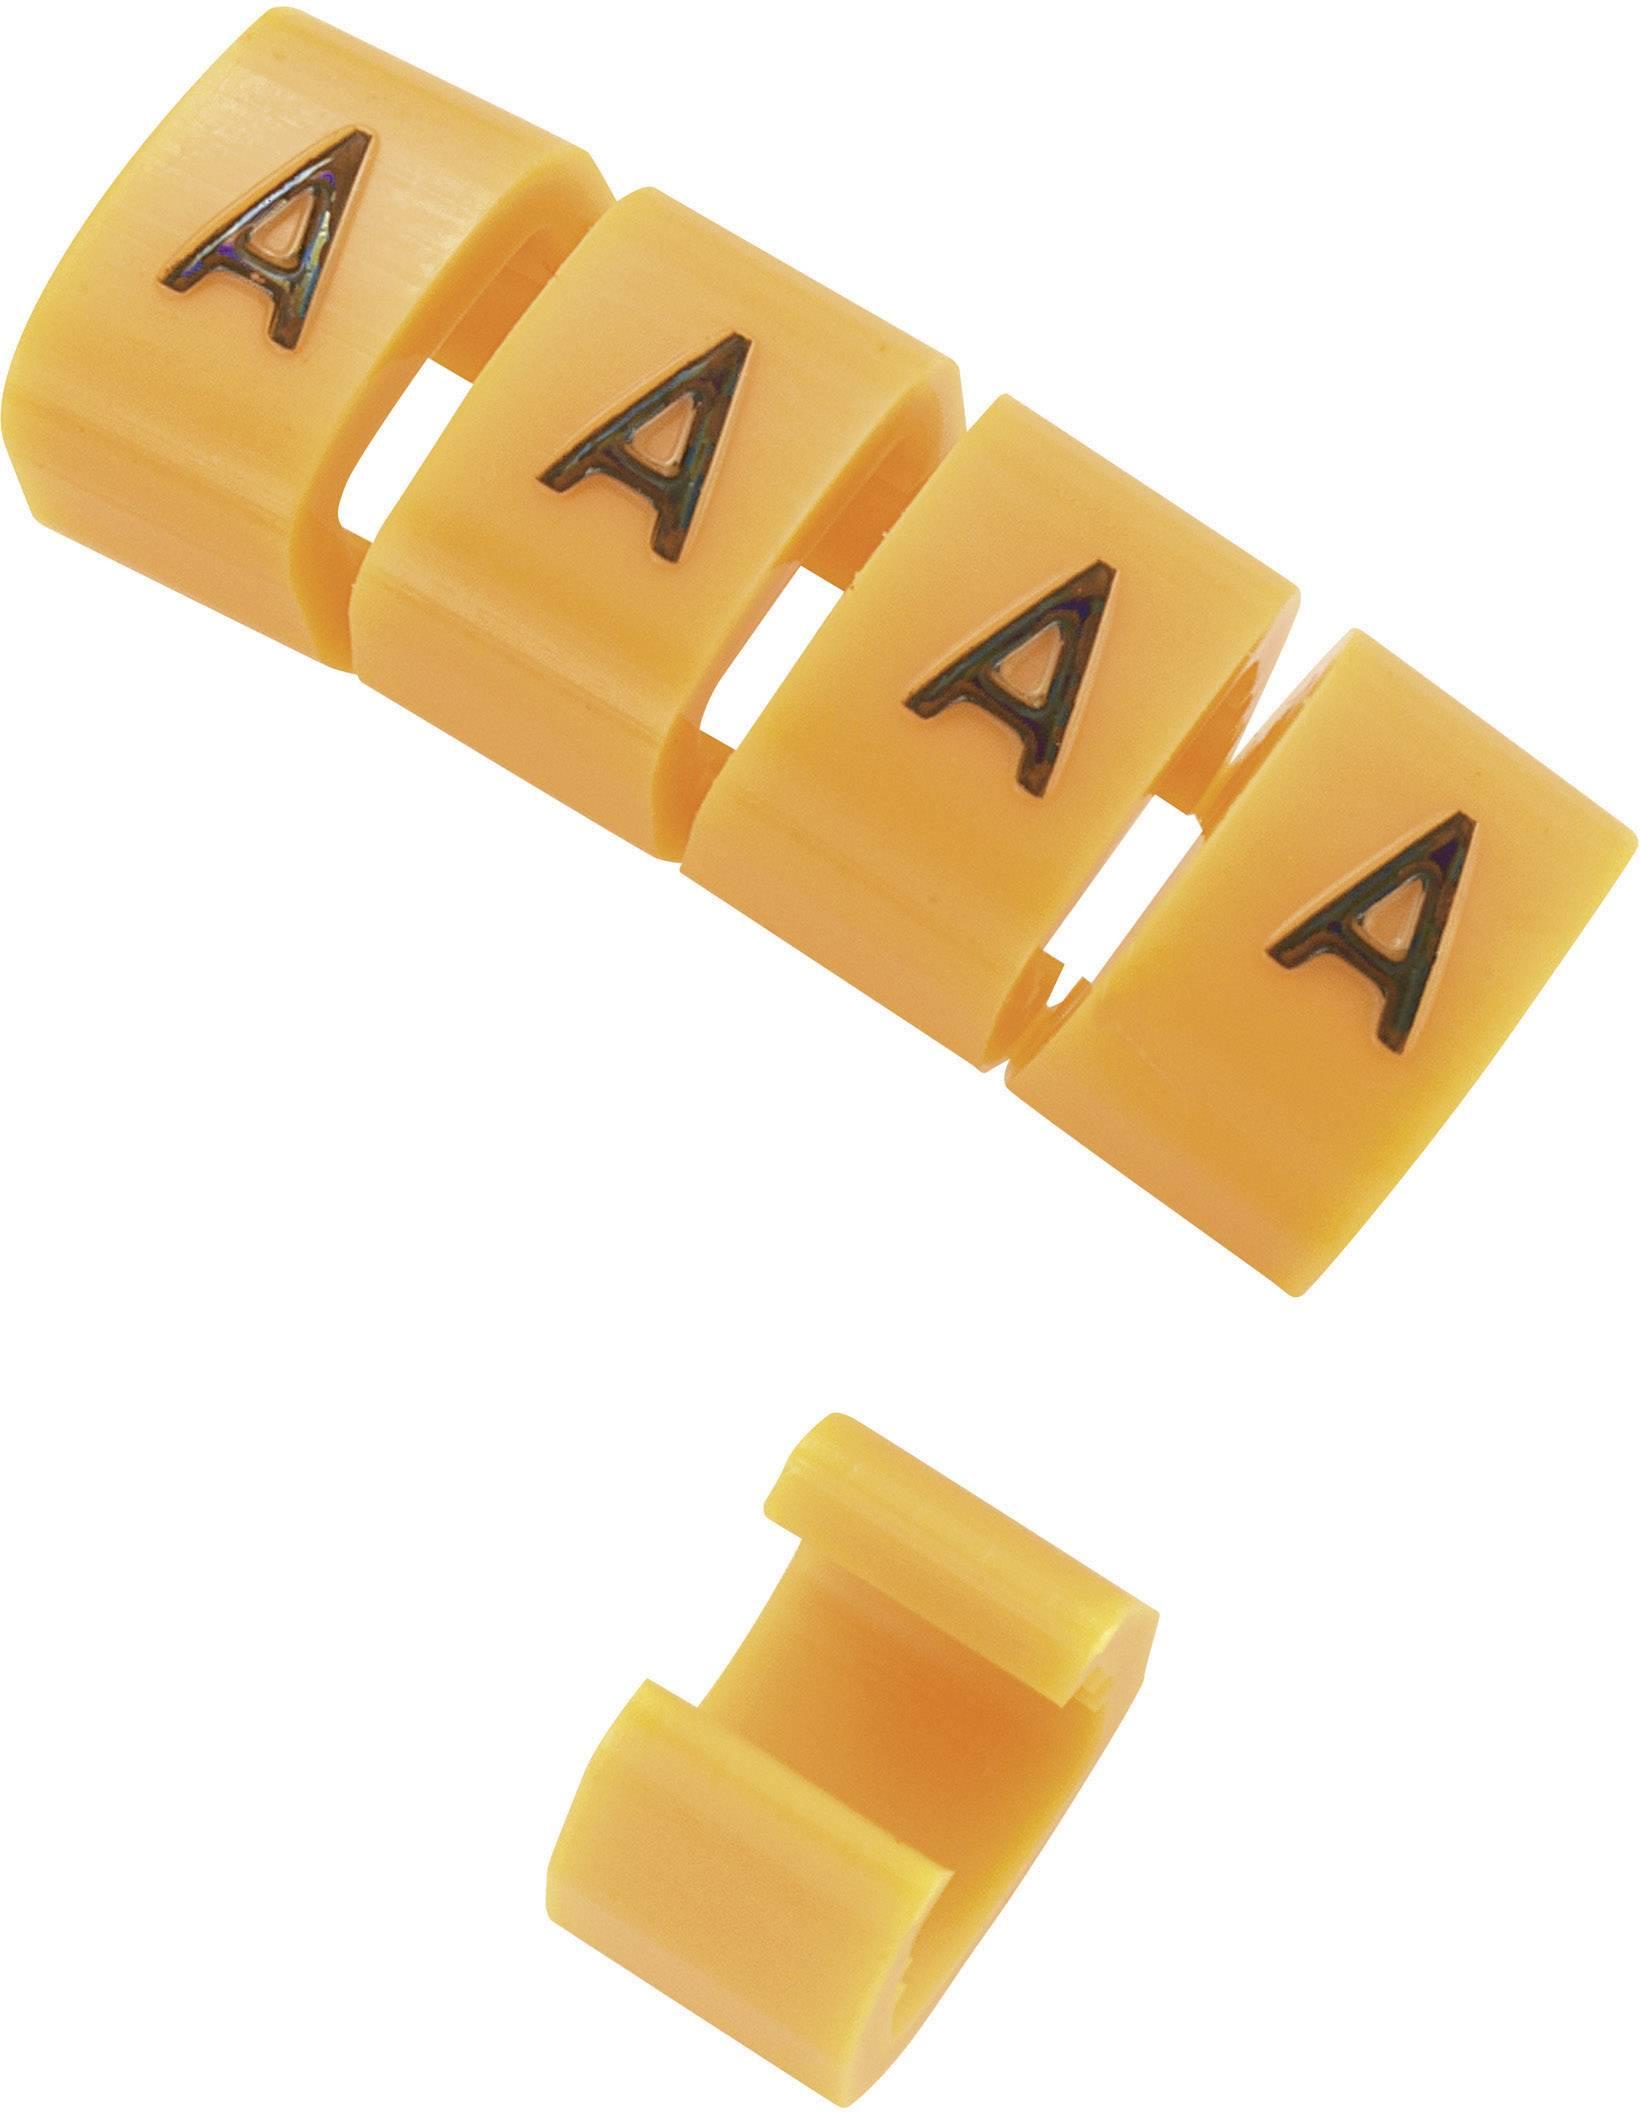 Označovacie objímka na káble KSS MB1/N, oranžová, 10 ks